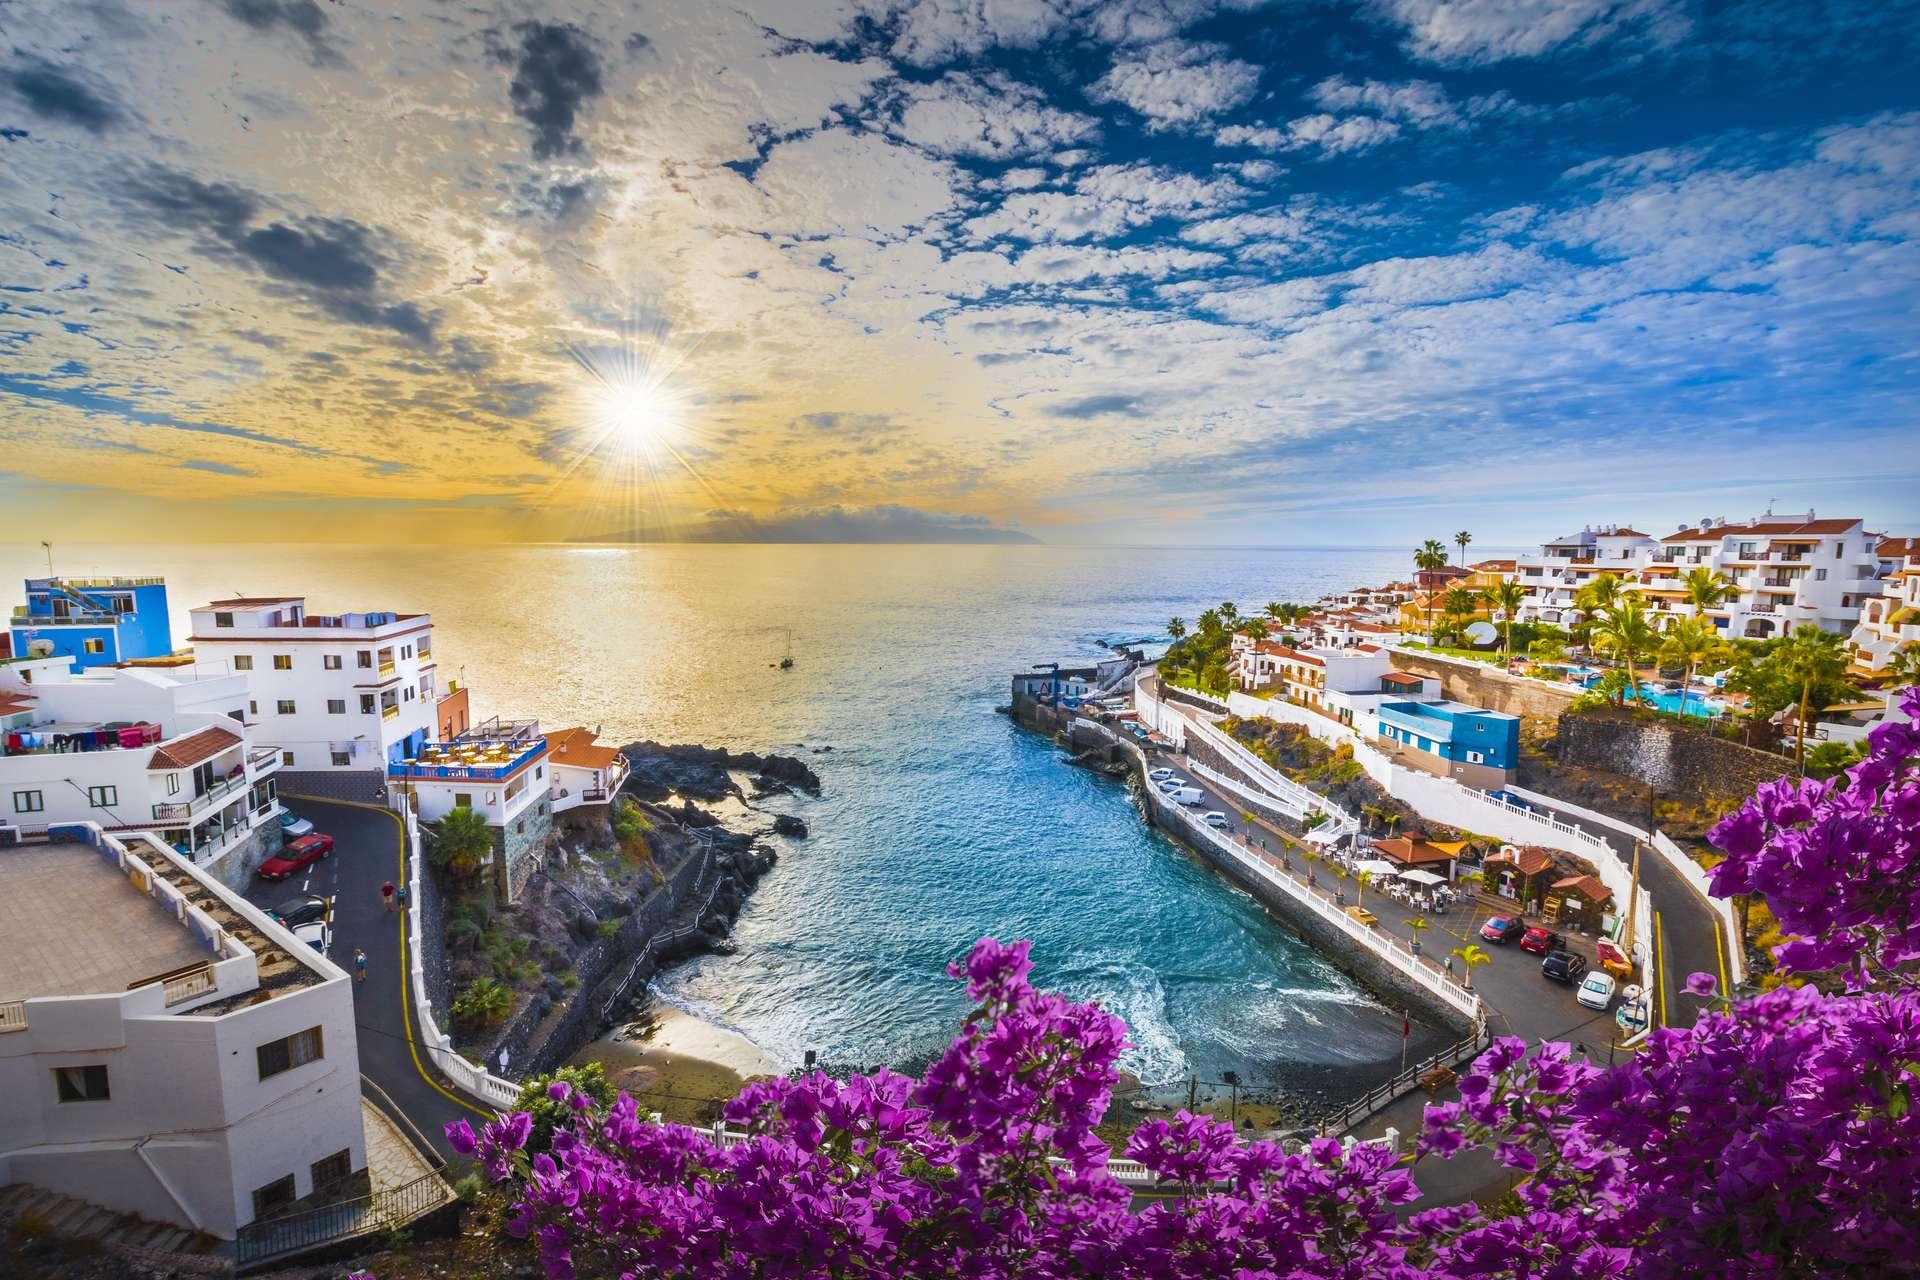 Spanje Canarische eilanden Tenerife Puerto de Santiago city